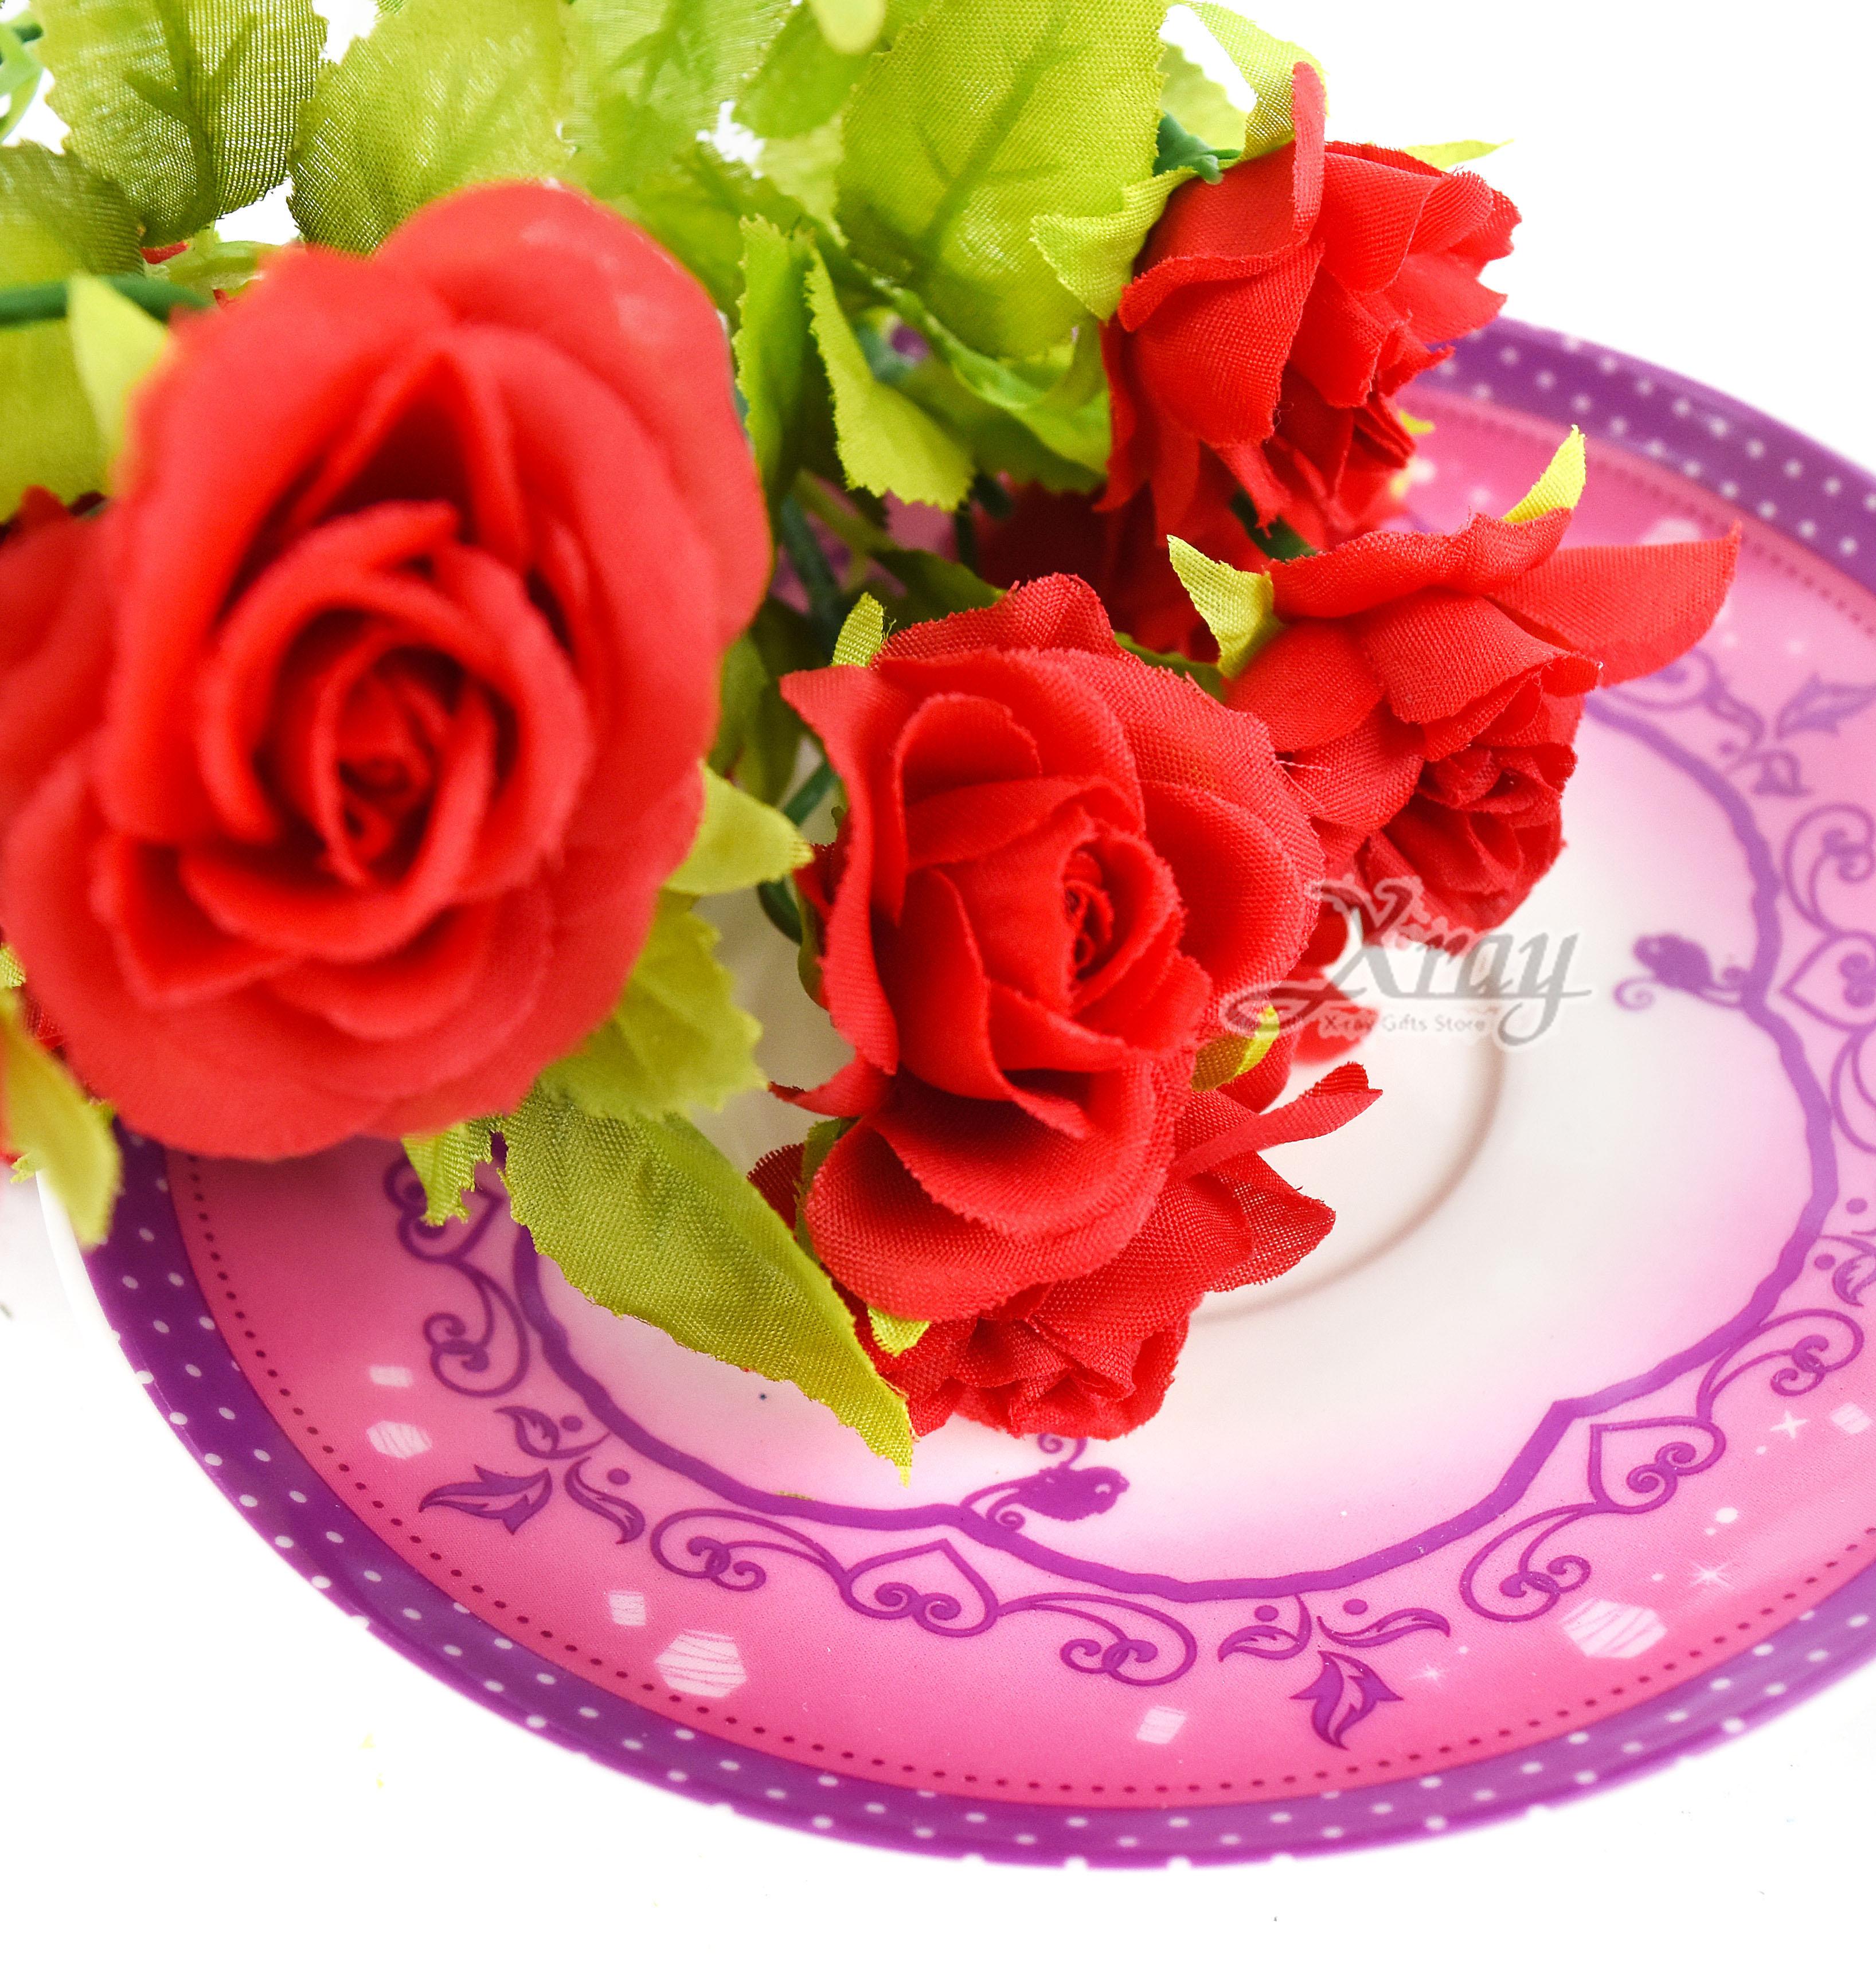 X射線【Y002010】五頭圓心小玫瑰-紅,仿真花 人造花  家飾 婚禮小物 佈置 裝飾 幼兒園 送禮  髮 活動佈置 花束 花園 陽台